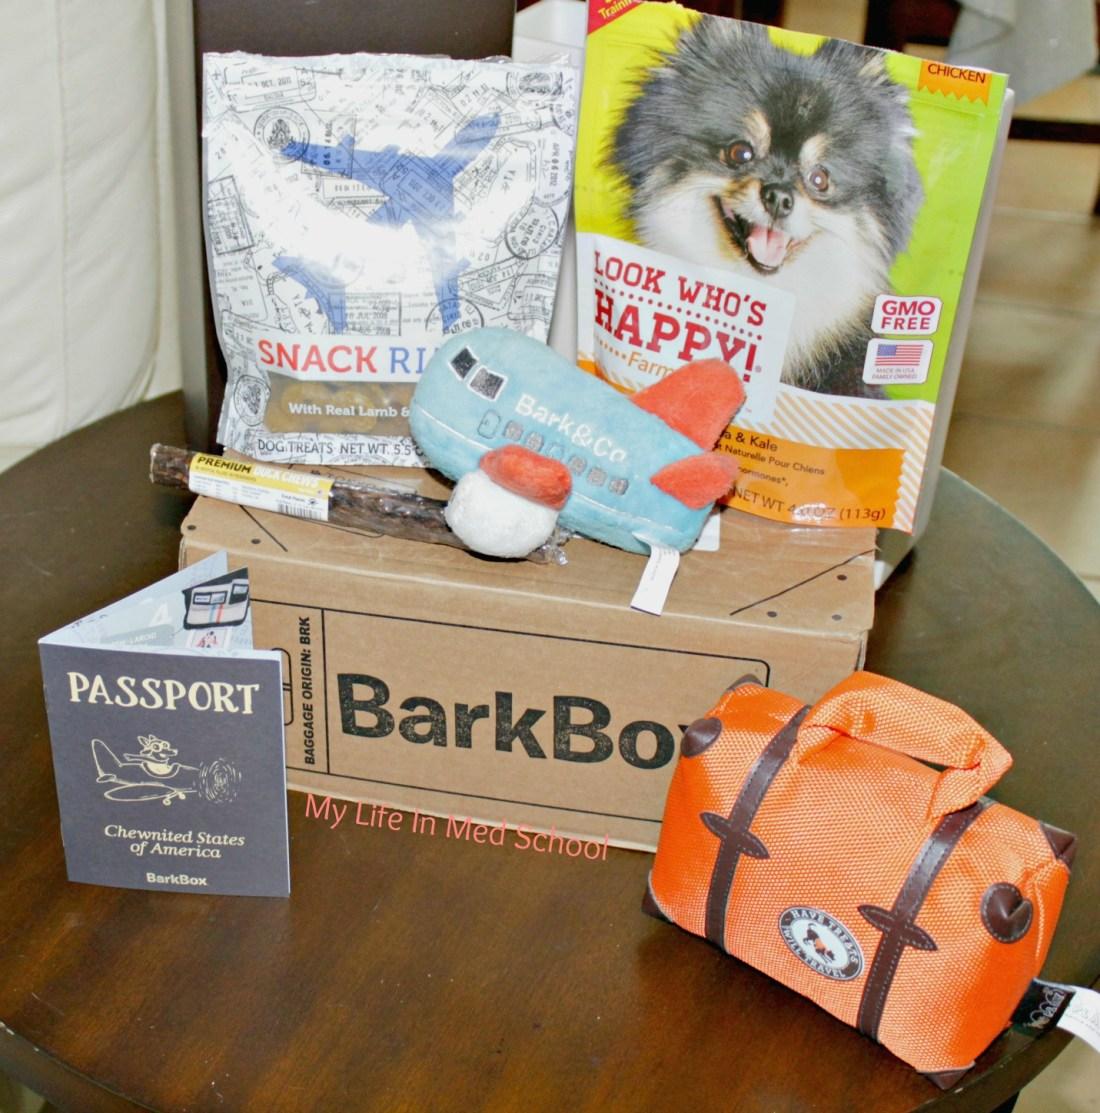 barkbox-goodies-2